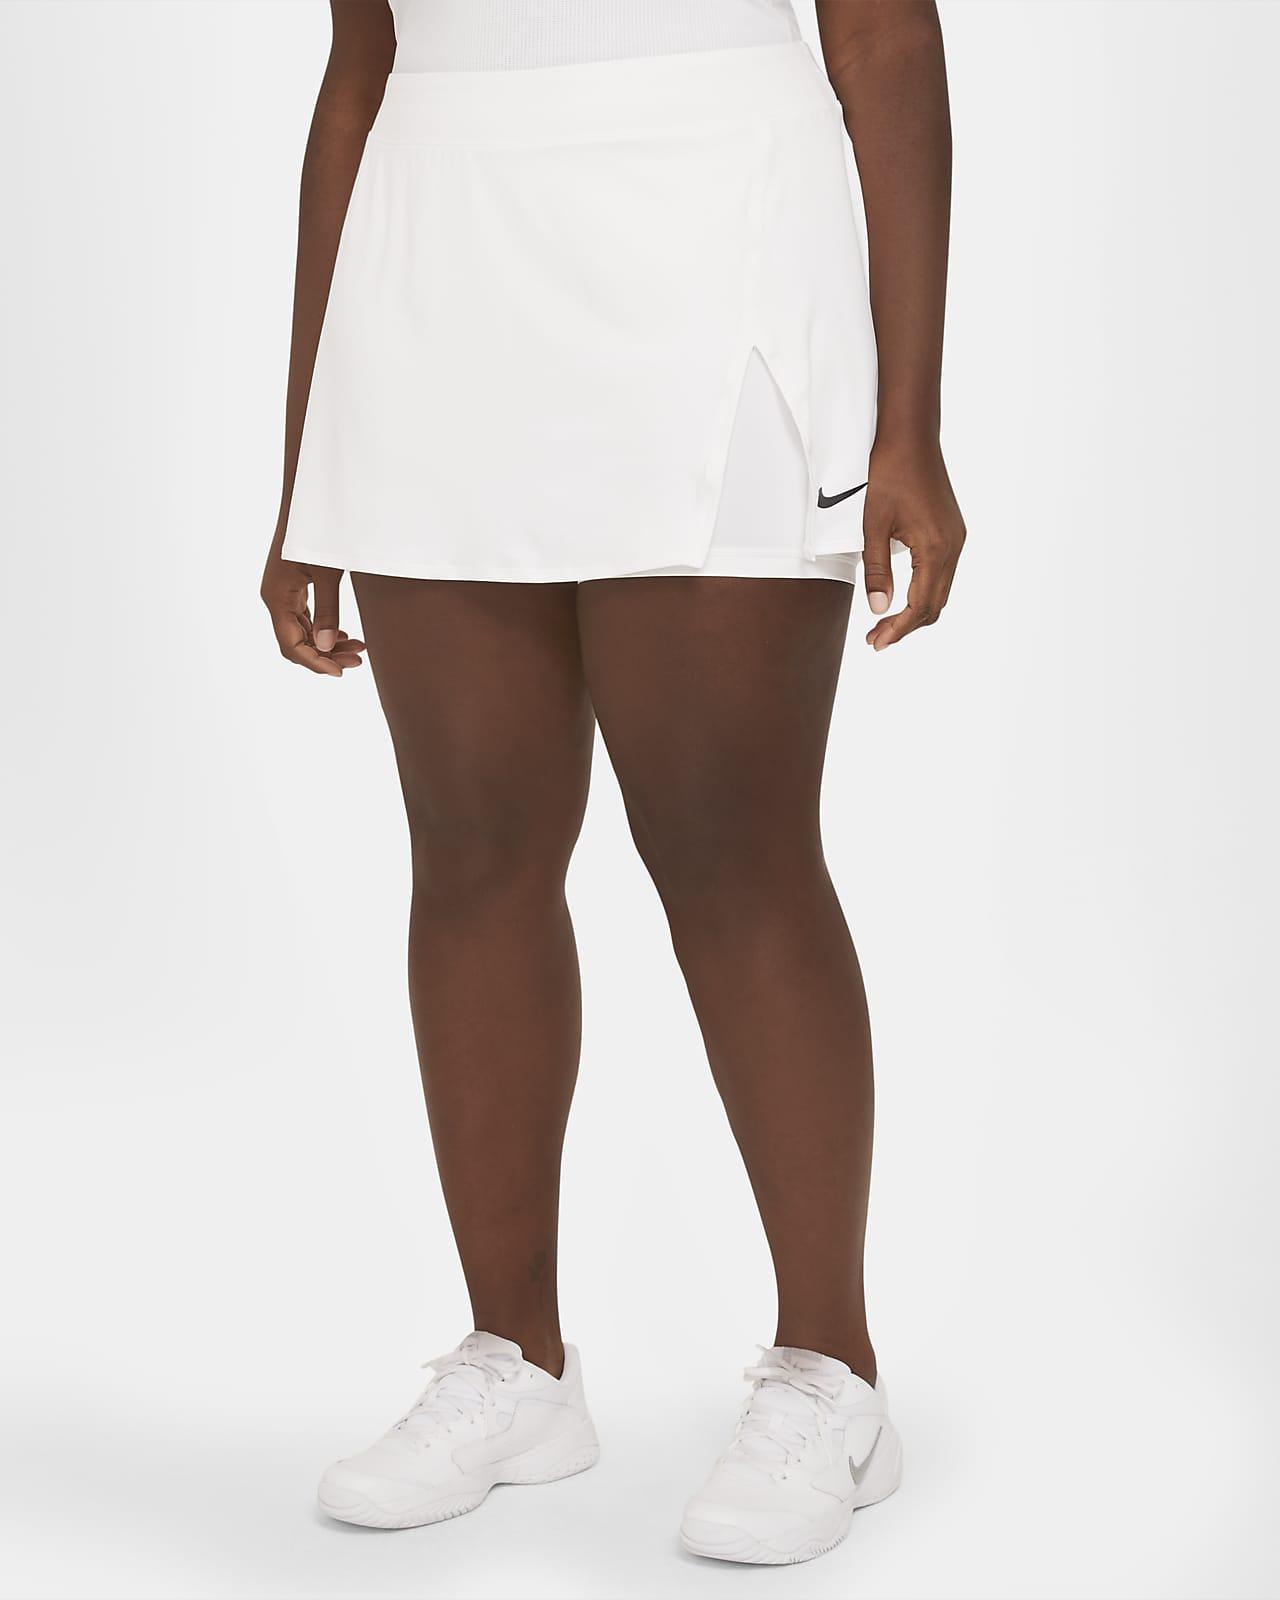 Falda de tenis para mujer talla grande NikeCourt Victory